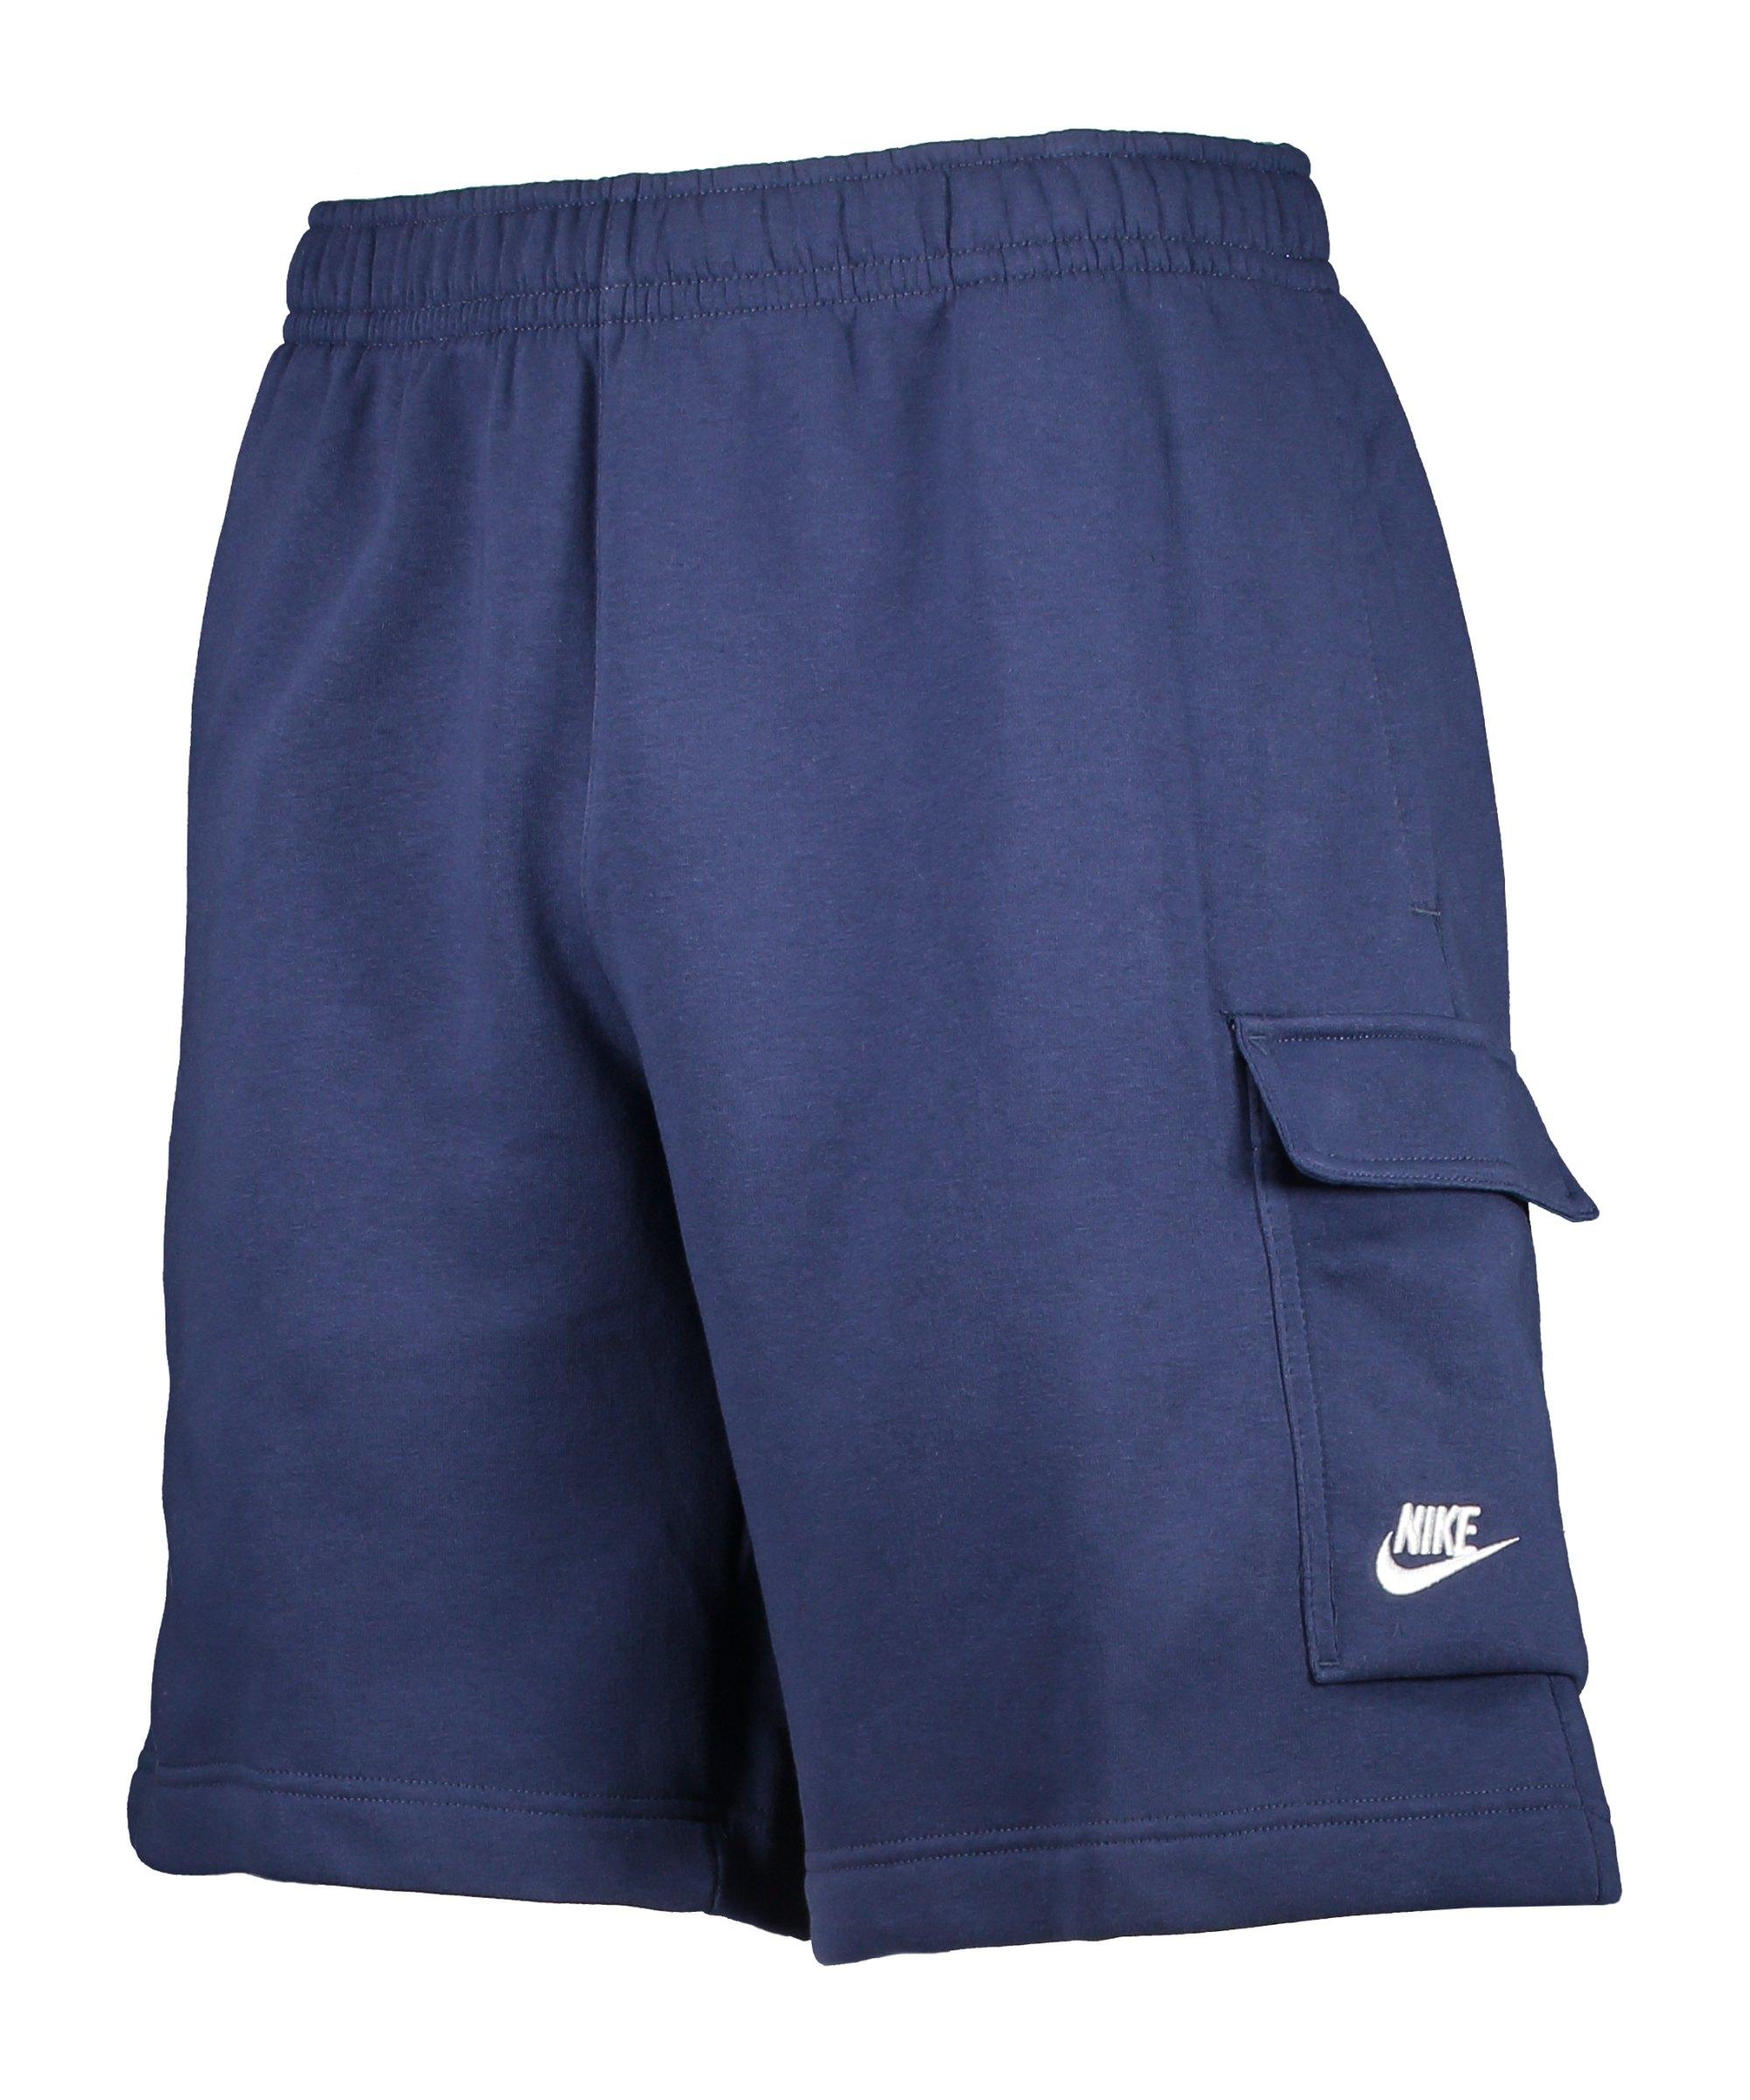 Nike Club Cargo Short Blau Weiss F410 - blau